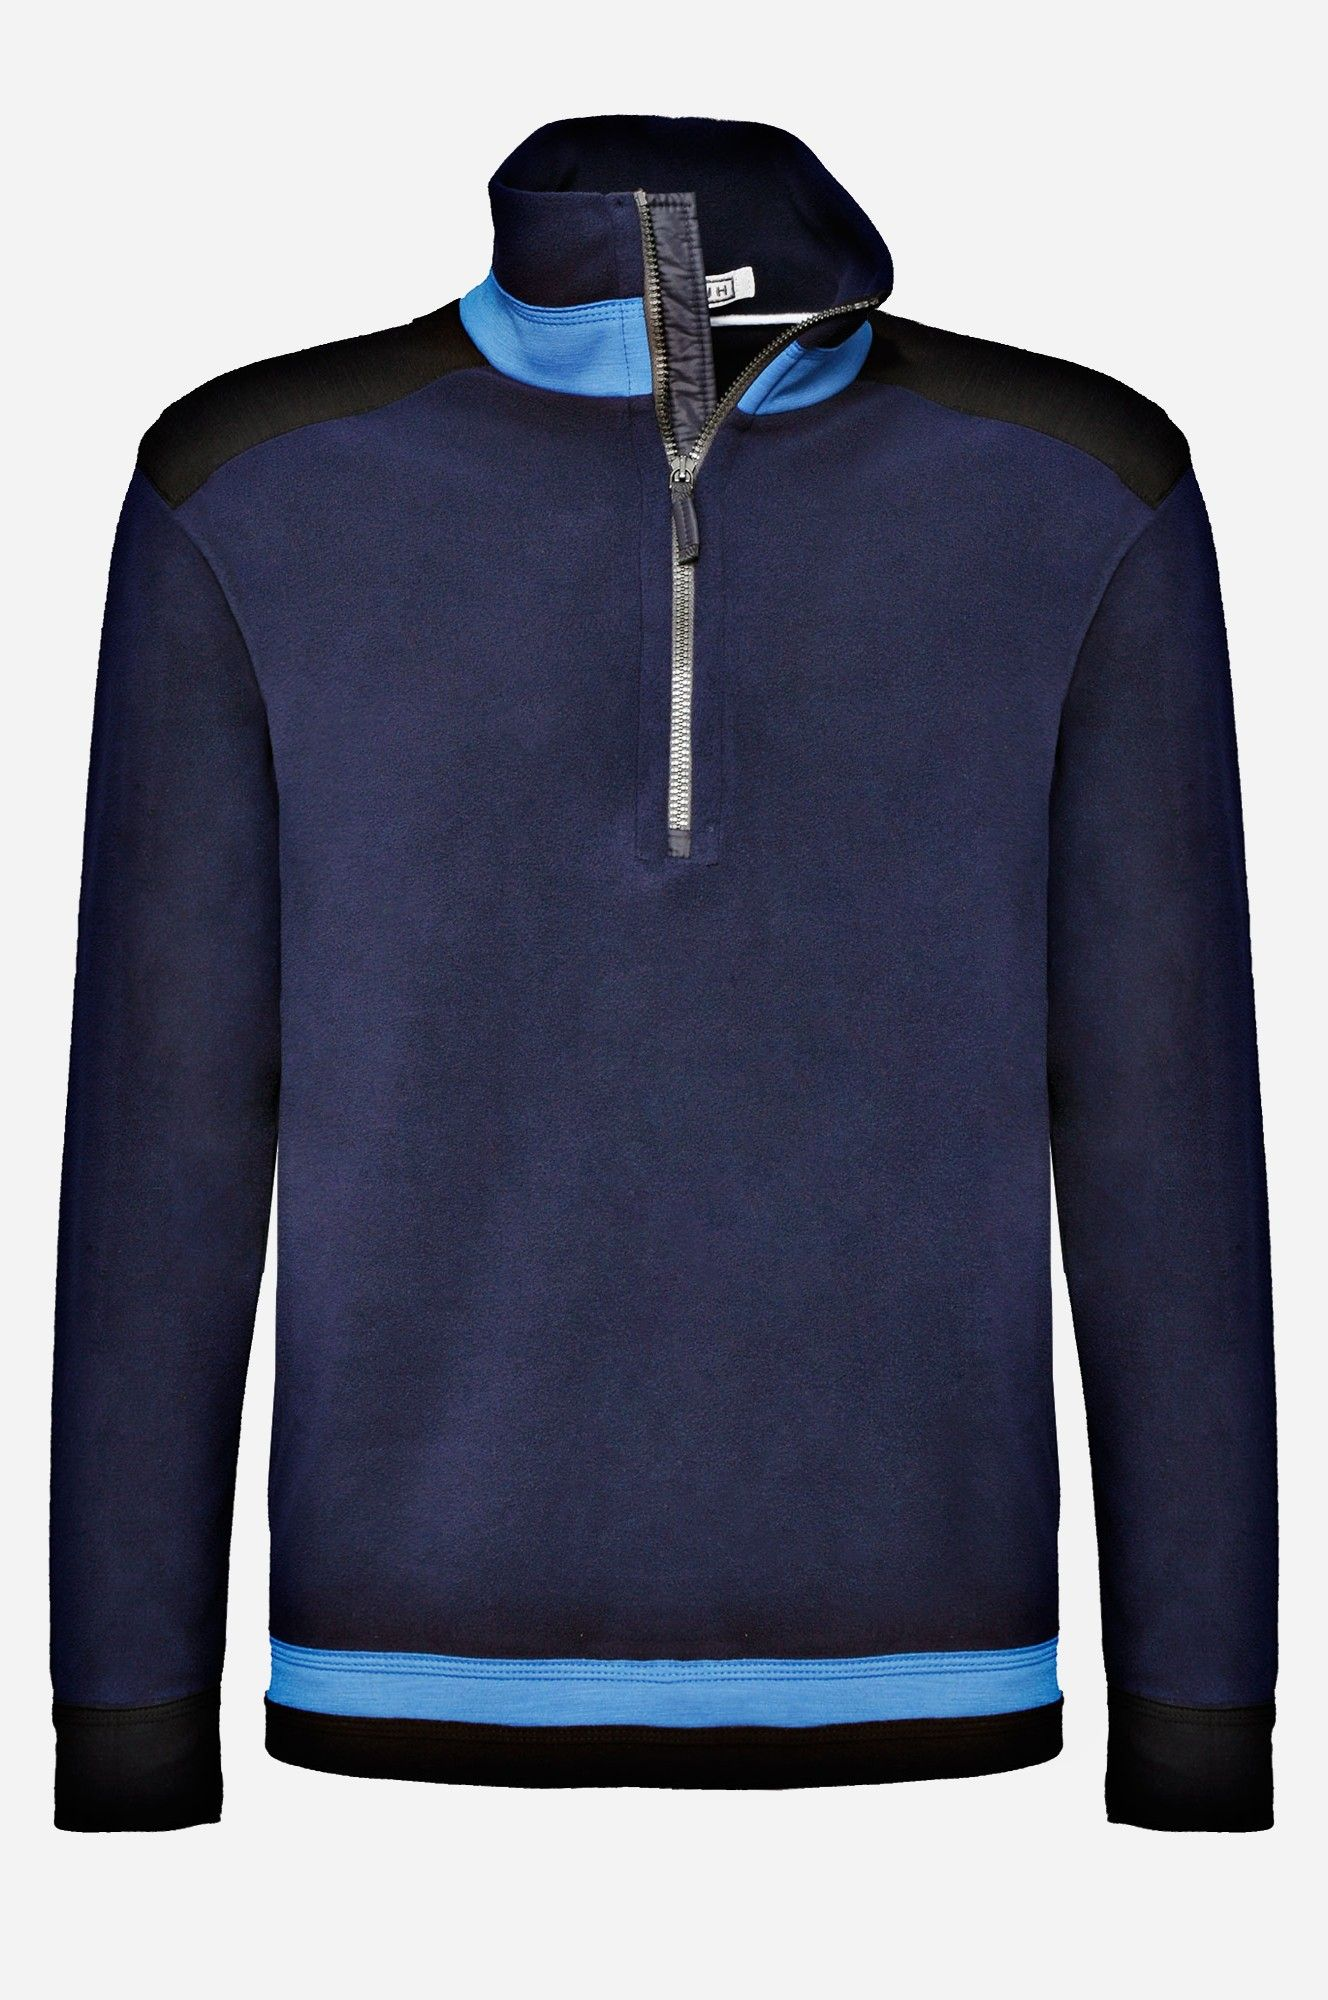 0379bbb726486b Bastian - MF - Pullover - Herren - FRAUENSCHUH Online Shop - Manufaktur für  Luxusmode aus